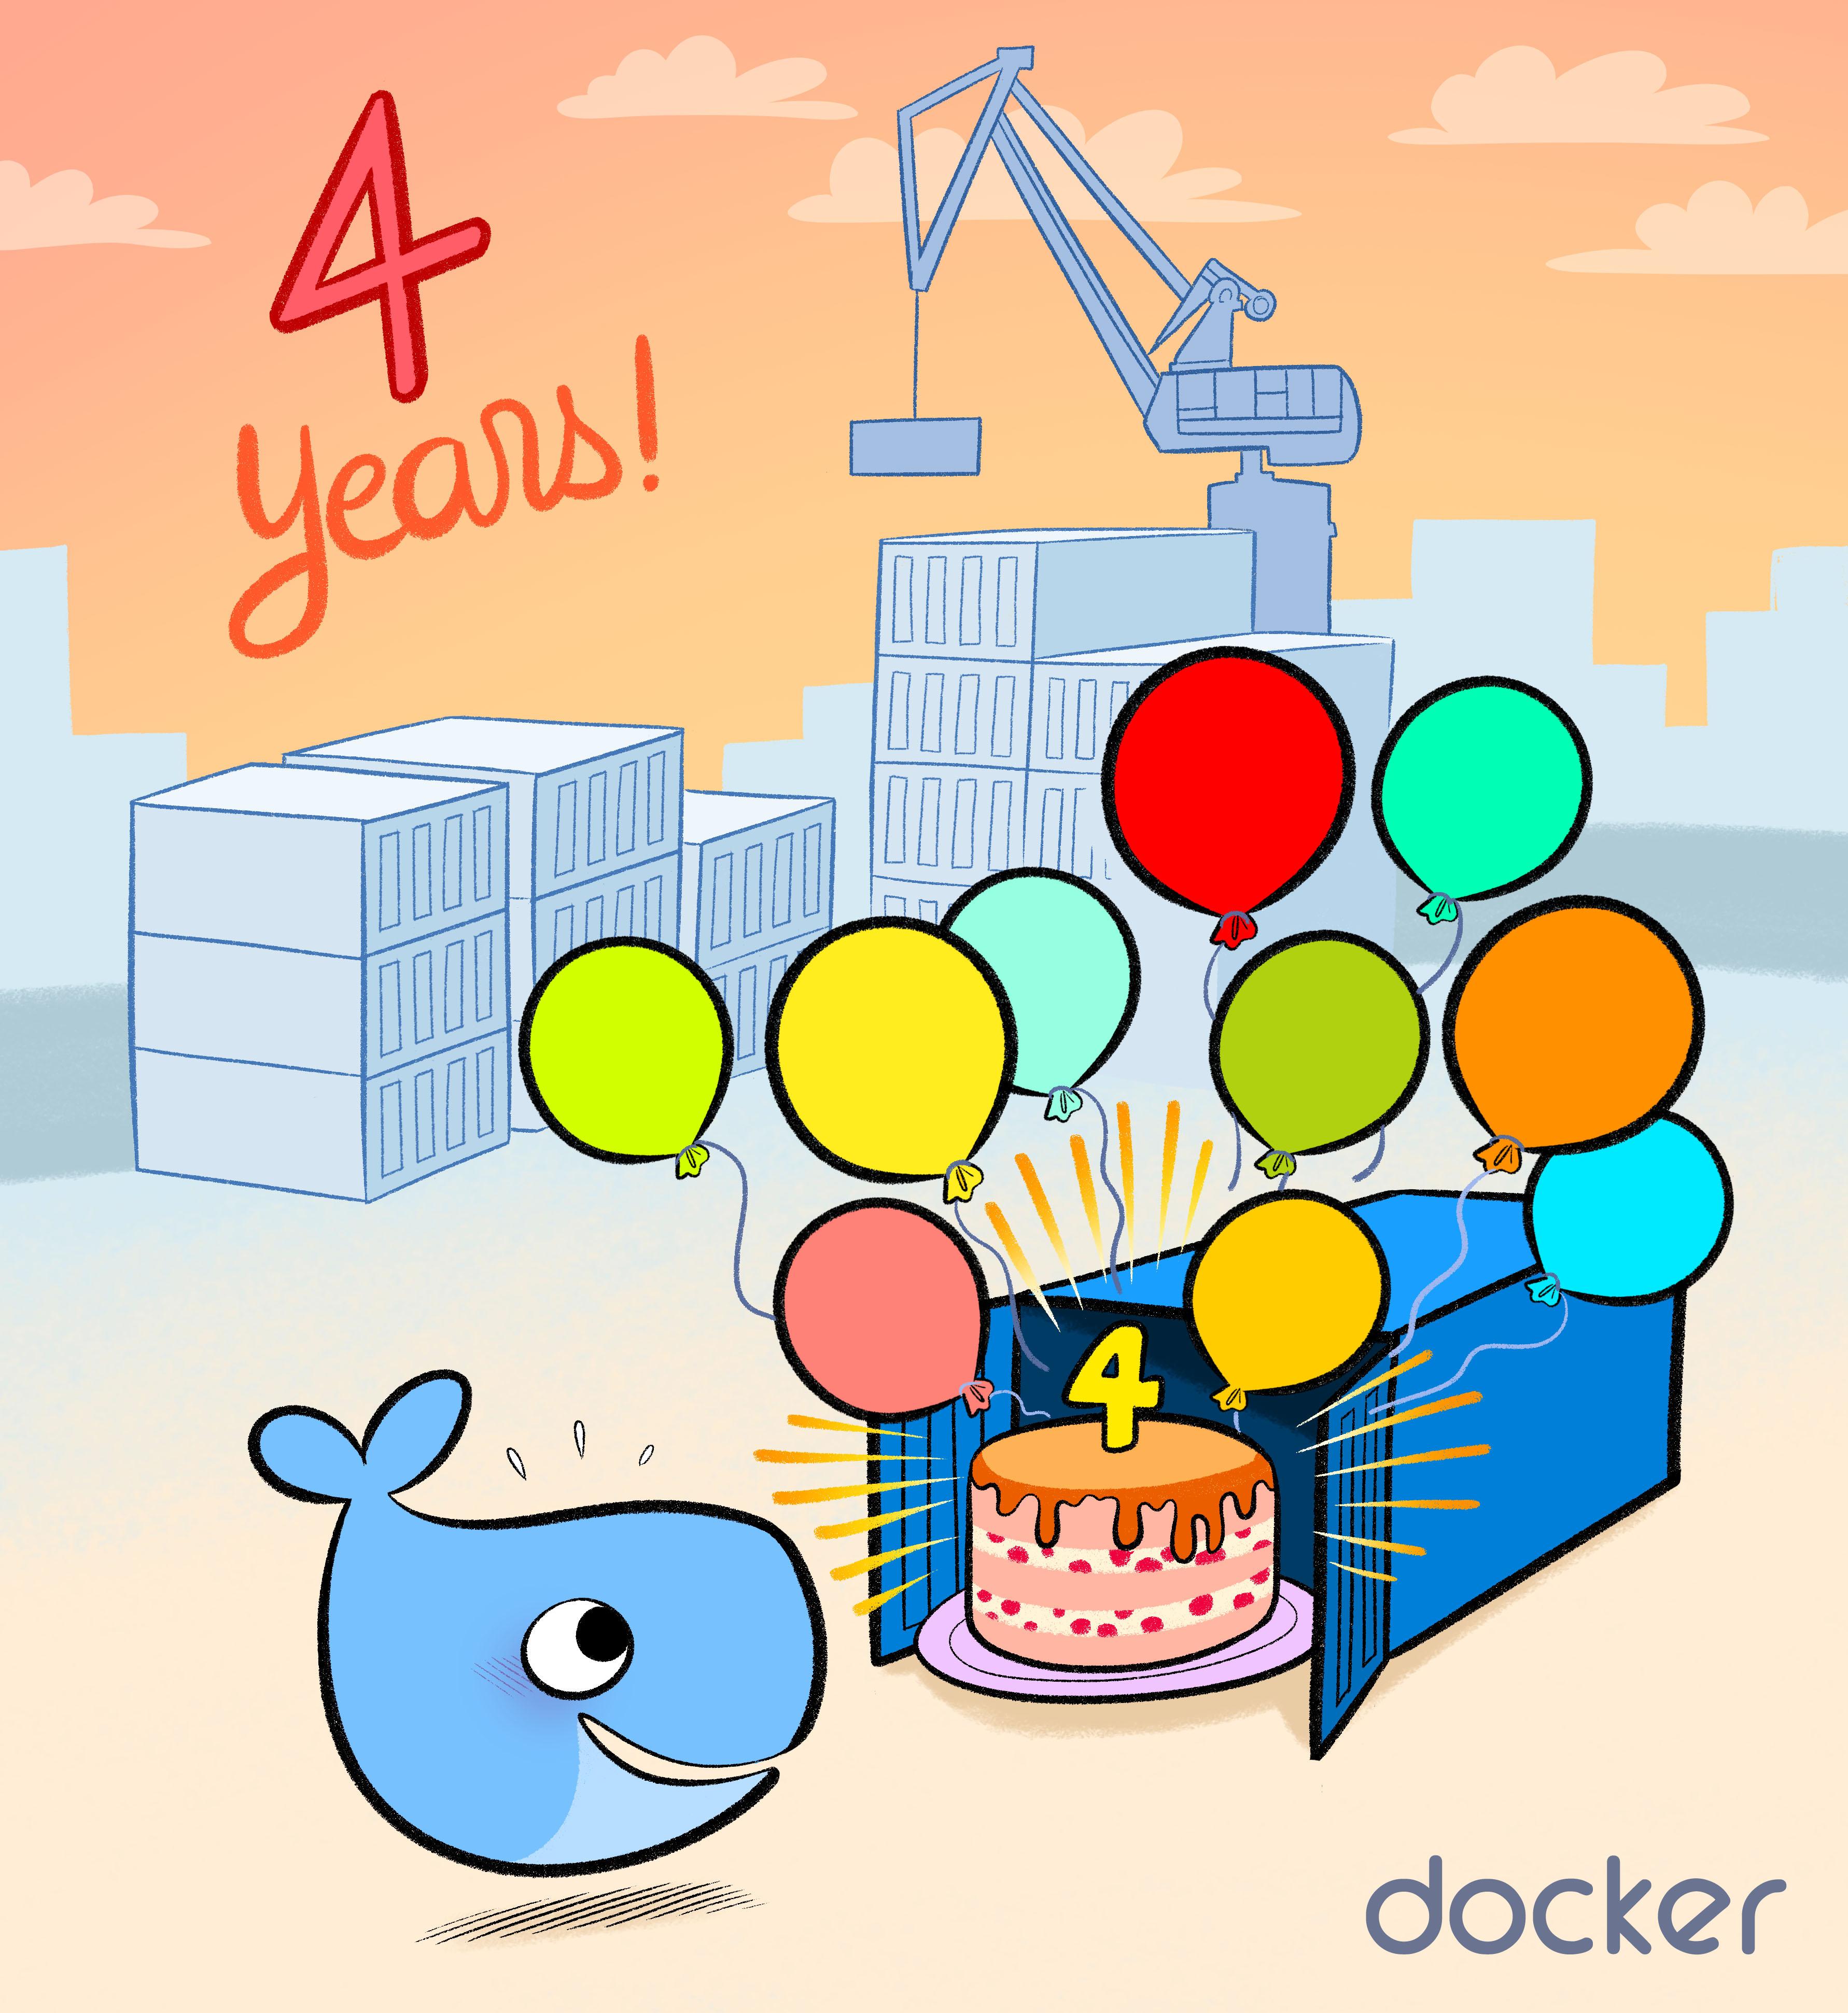 Docker Birthday #4 Celebration - venez apprendre Docker